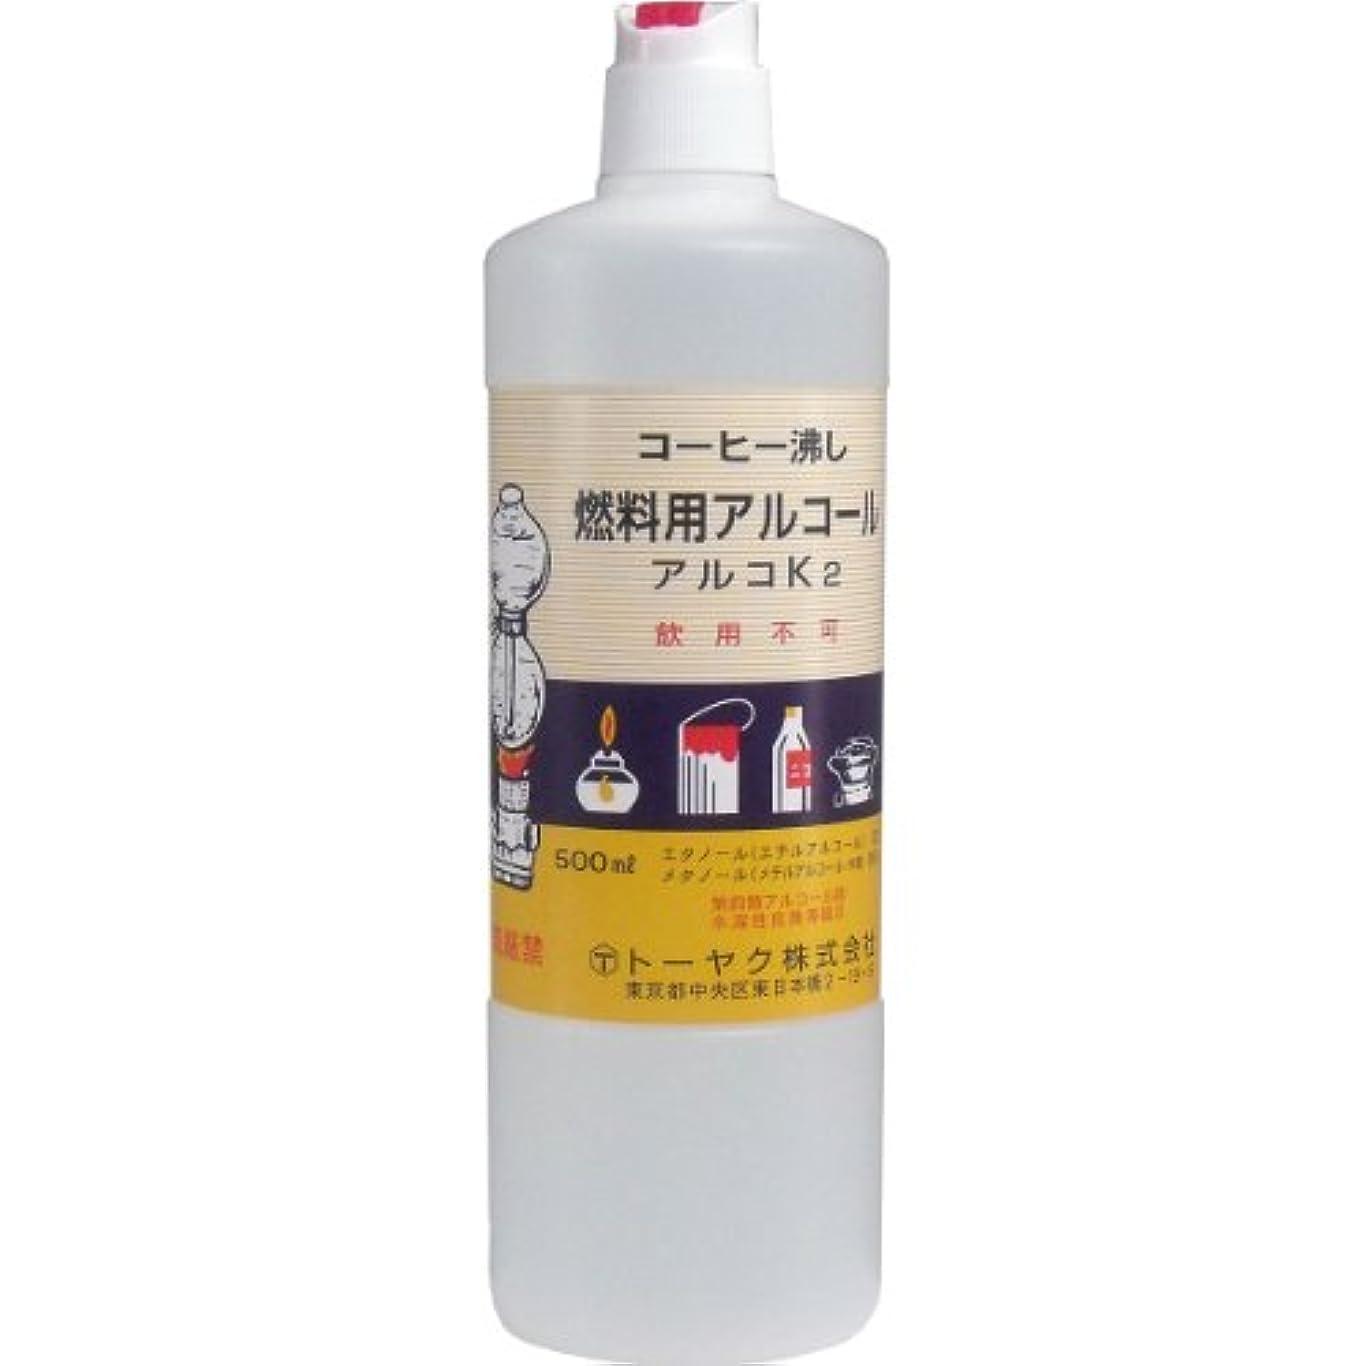 拡声器冷酷な不名誉な燃料用アルコール アルコK2 ×3個セット